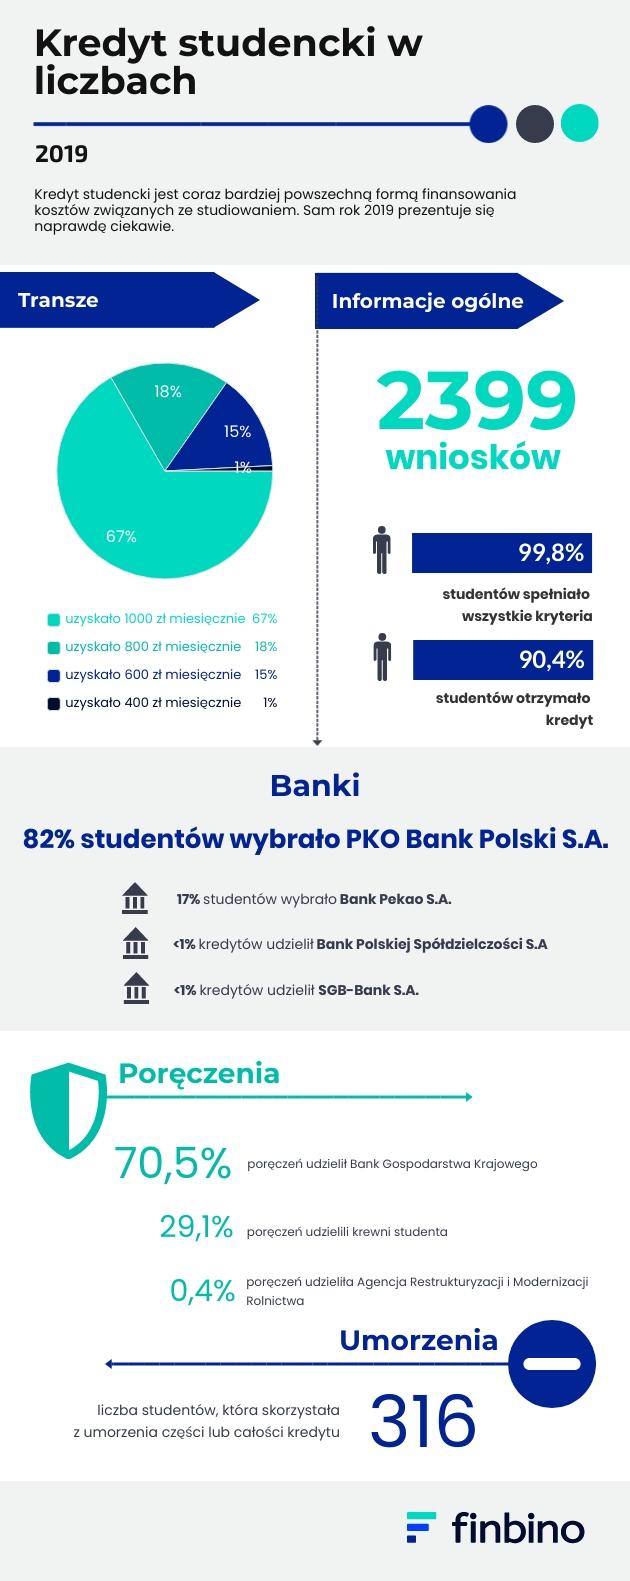 Kredyt studencki w liczbach 2019-2020